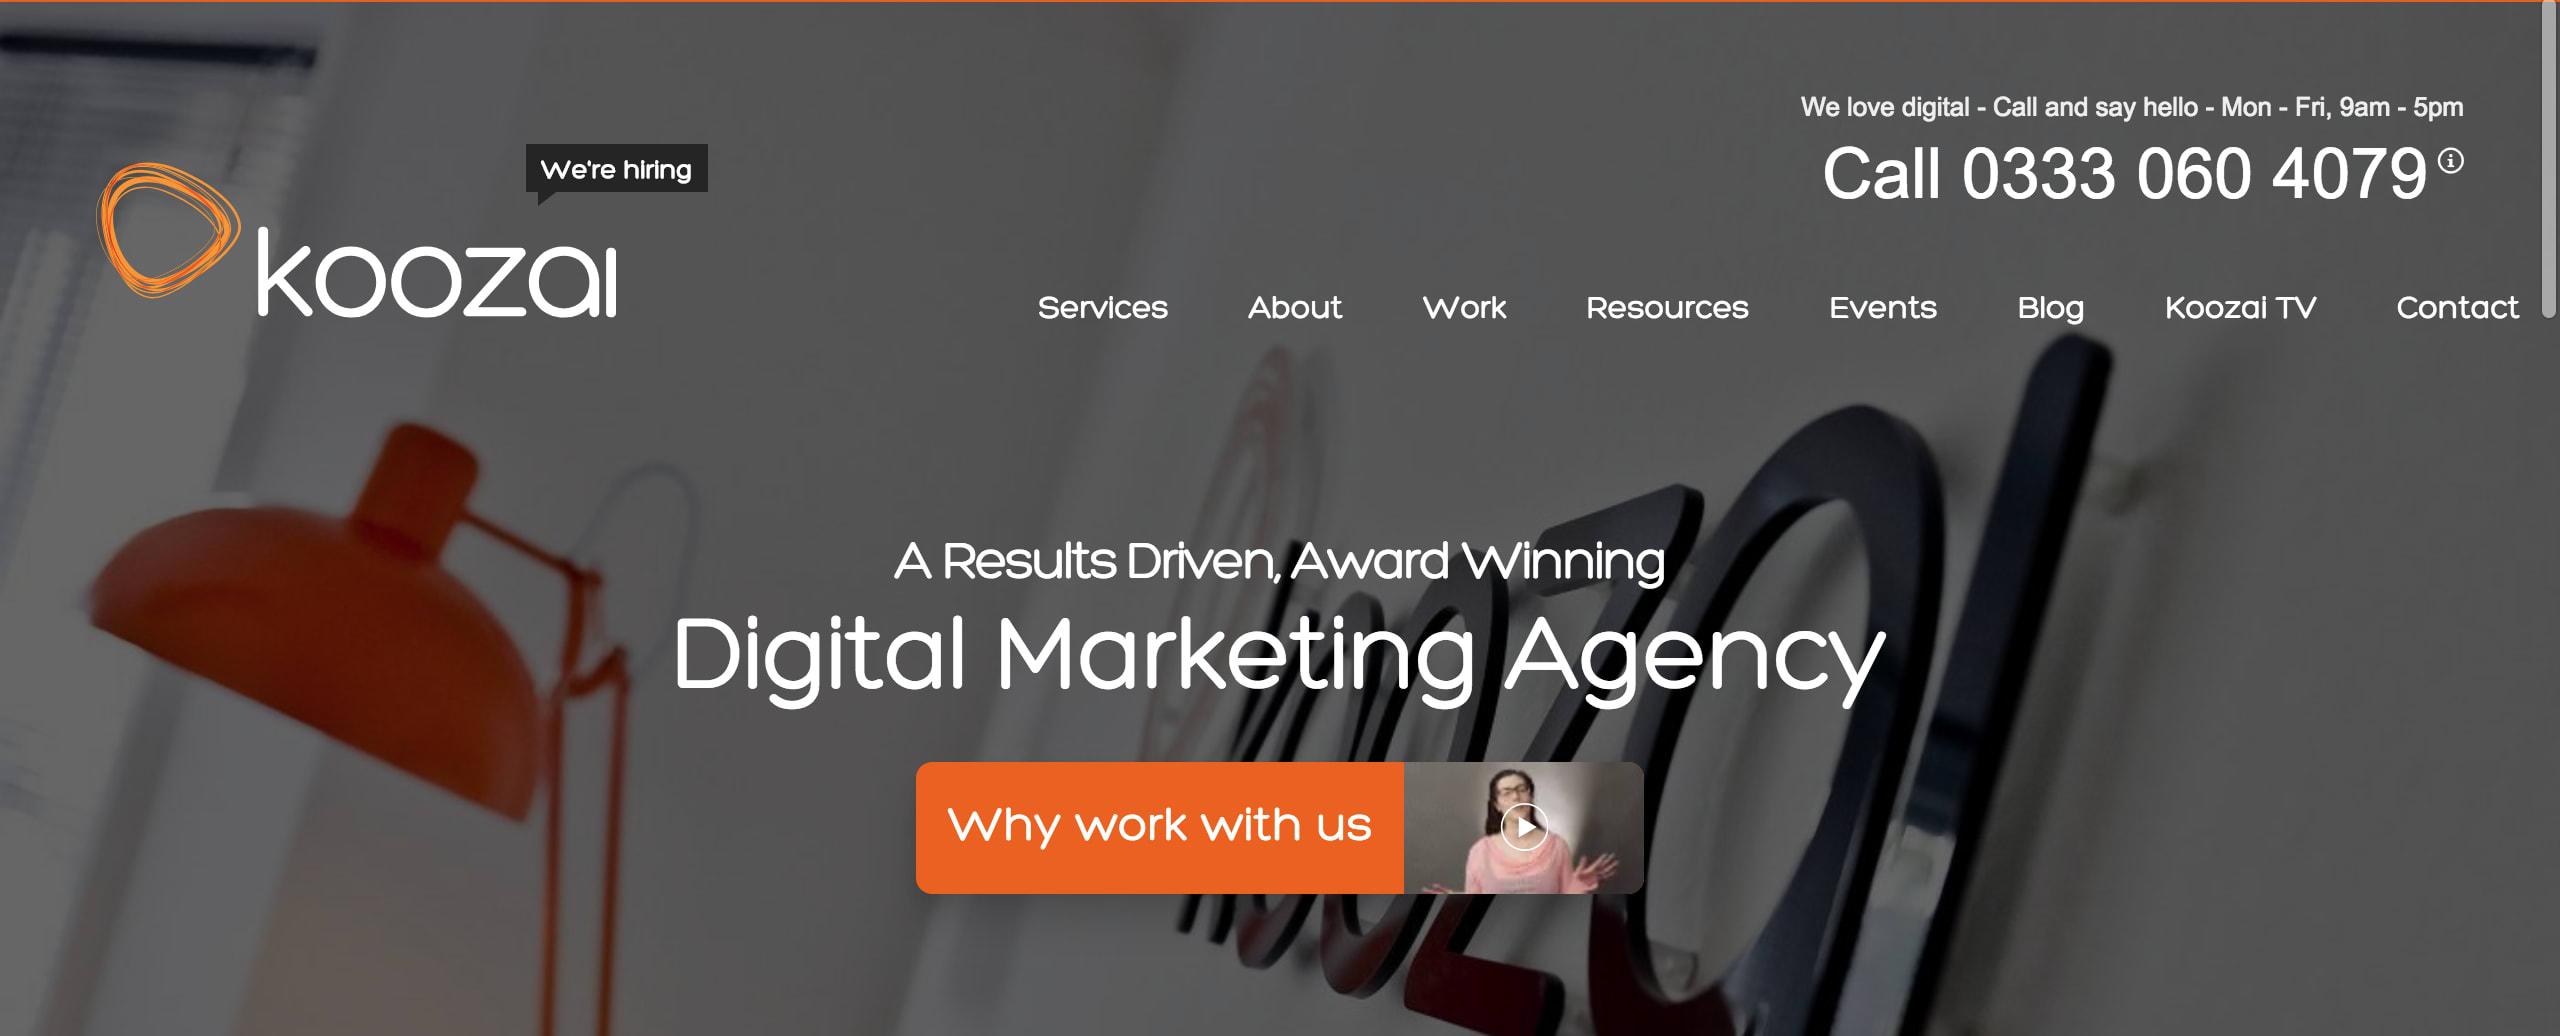 25 Best SEO & Digital Marketing Agencies in 2019